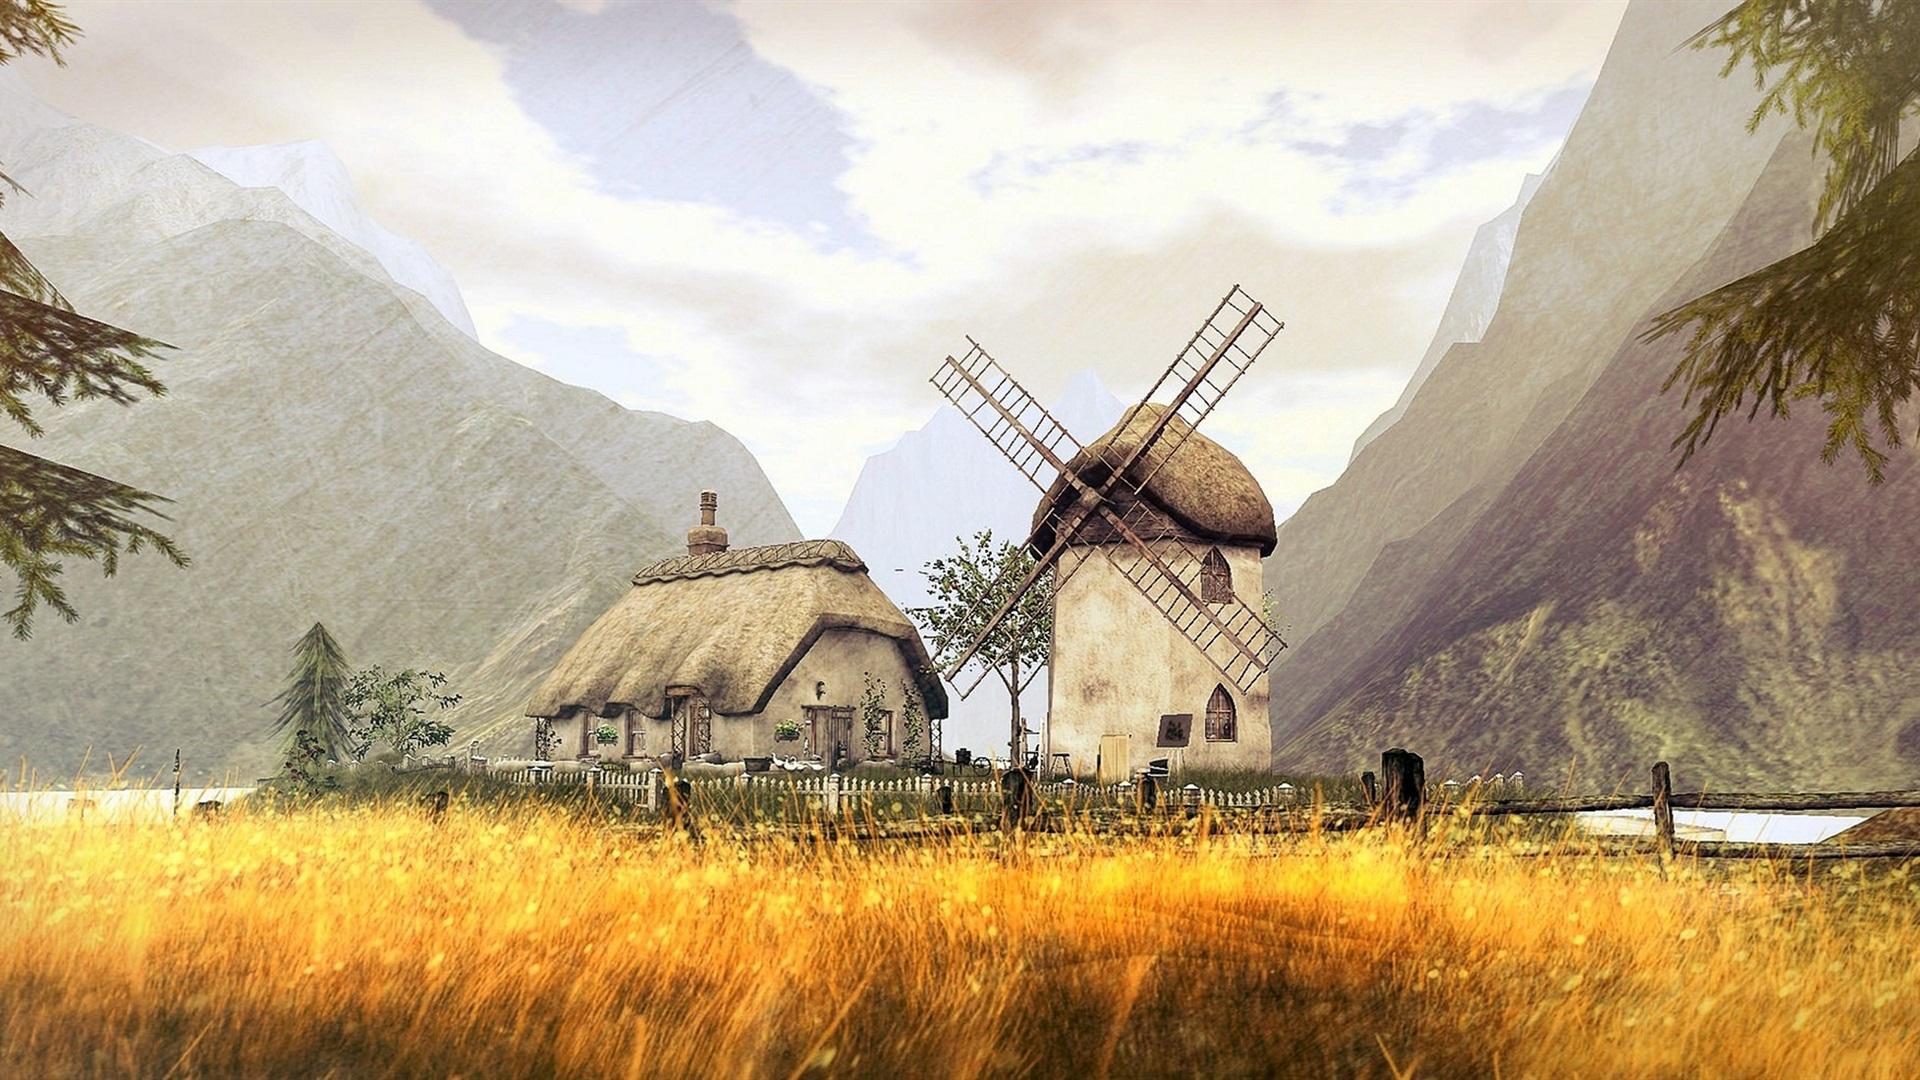 Fonds d 39 cran conception 3d champ montagne moulin for Conception 3d maison